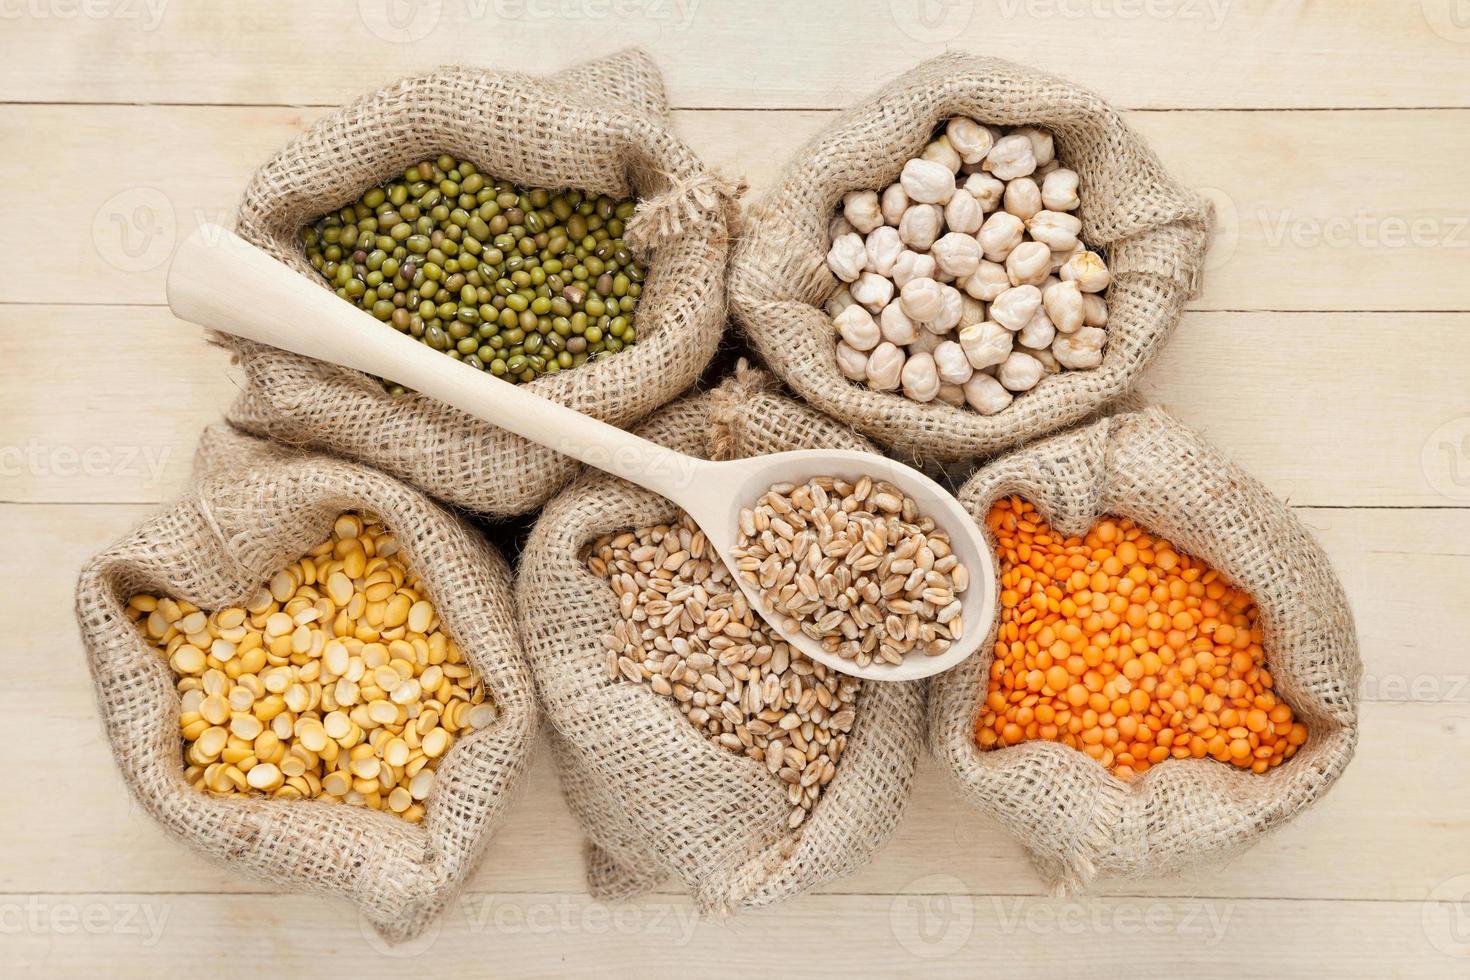 sacos com lentilhas vermelhas, ervilhas, trigo e mung verde foto